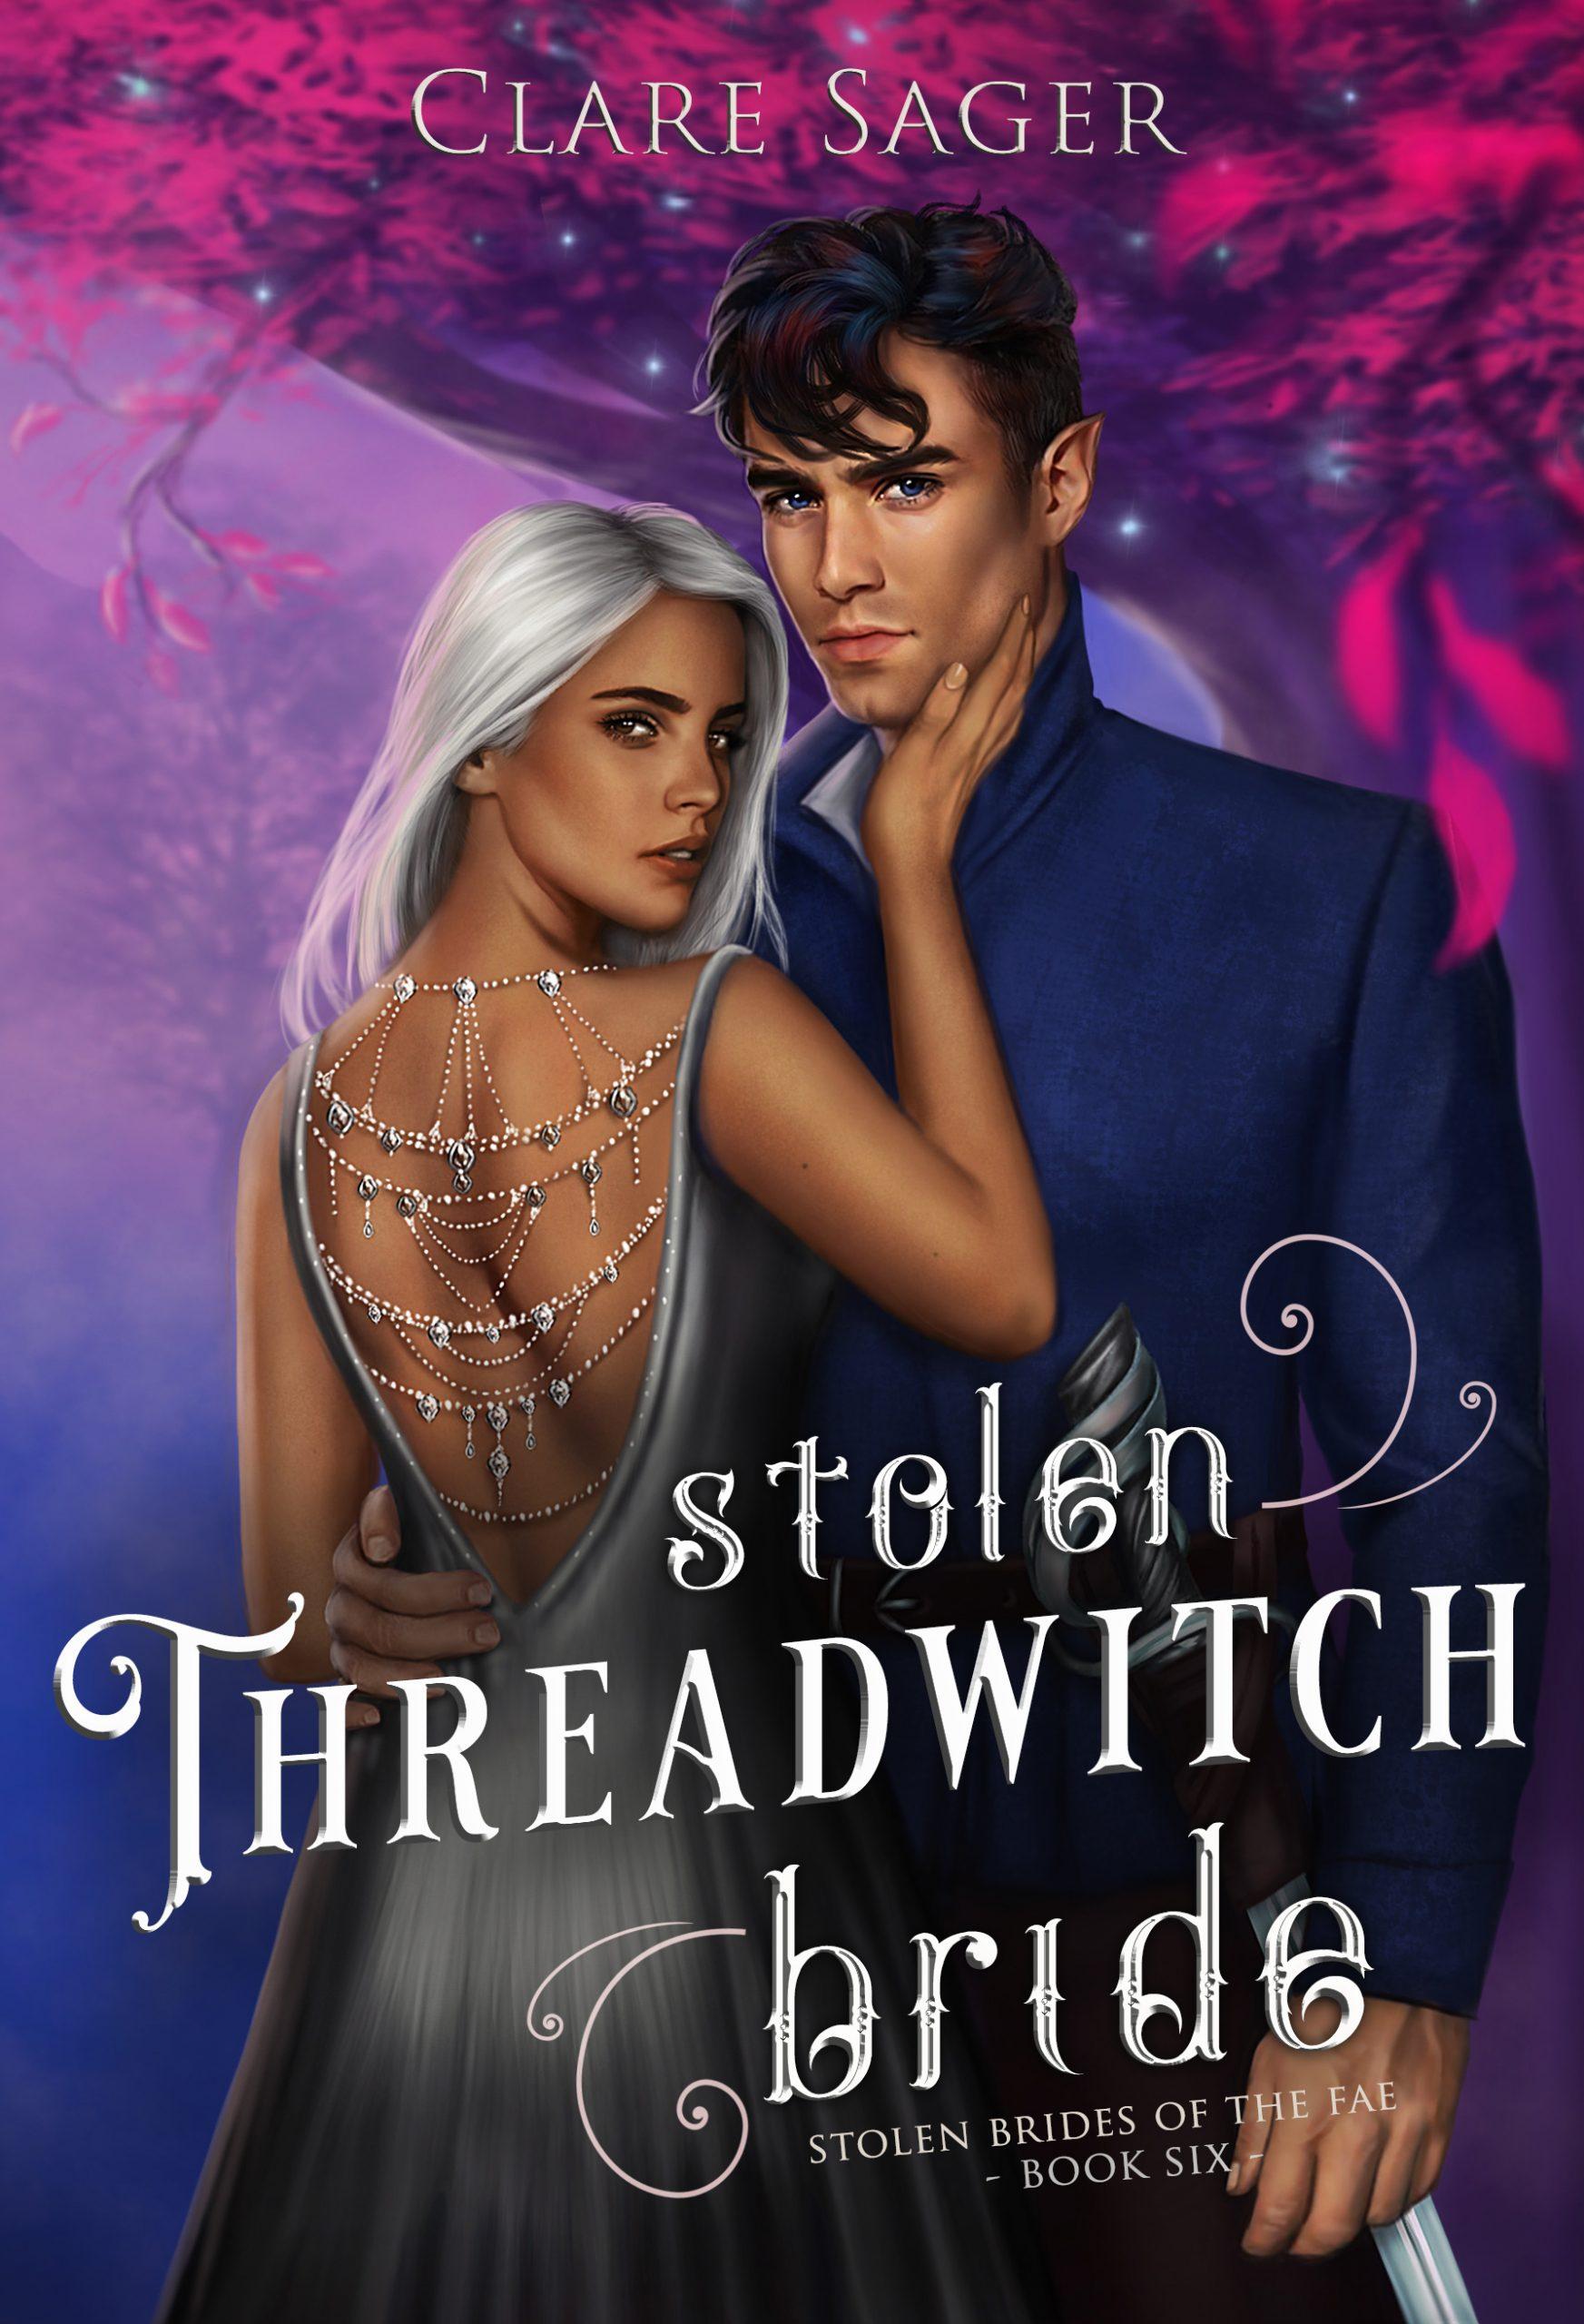 Stolen Threadwitch Bride